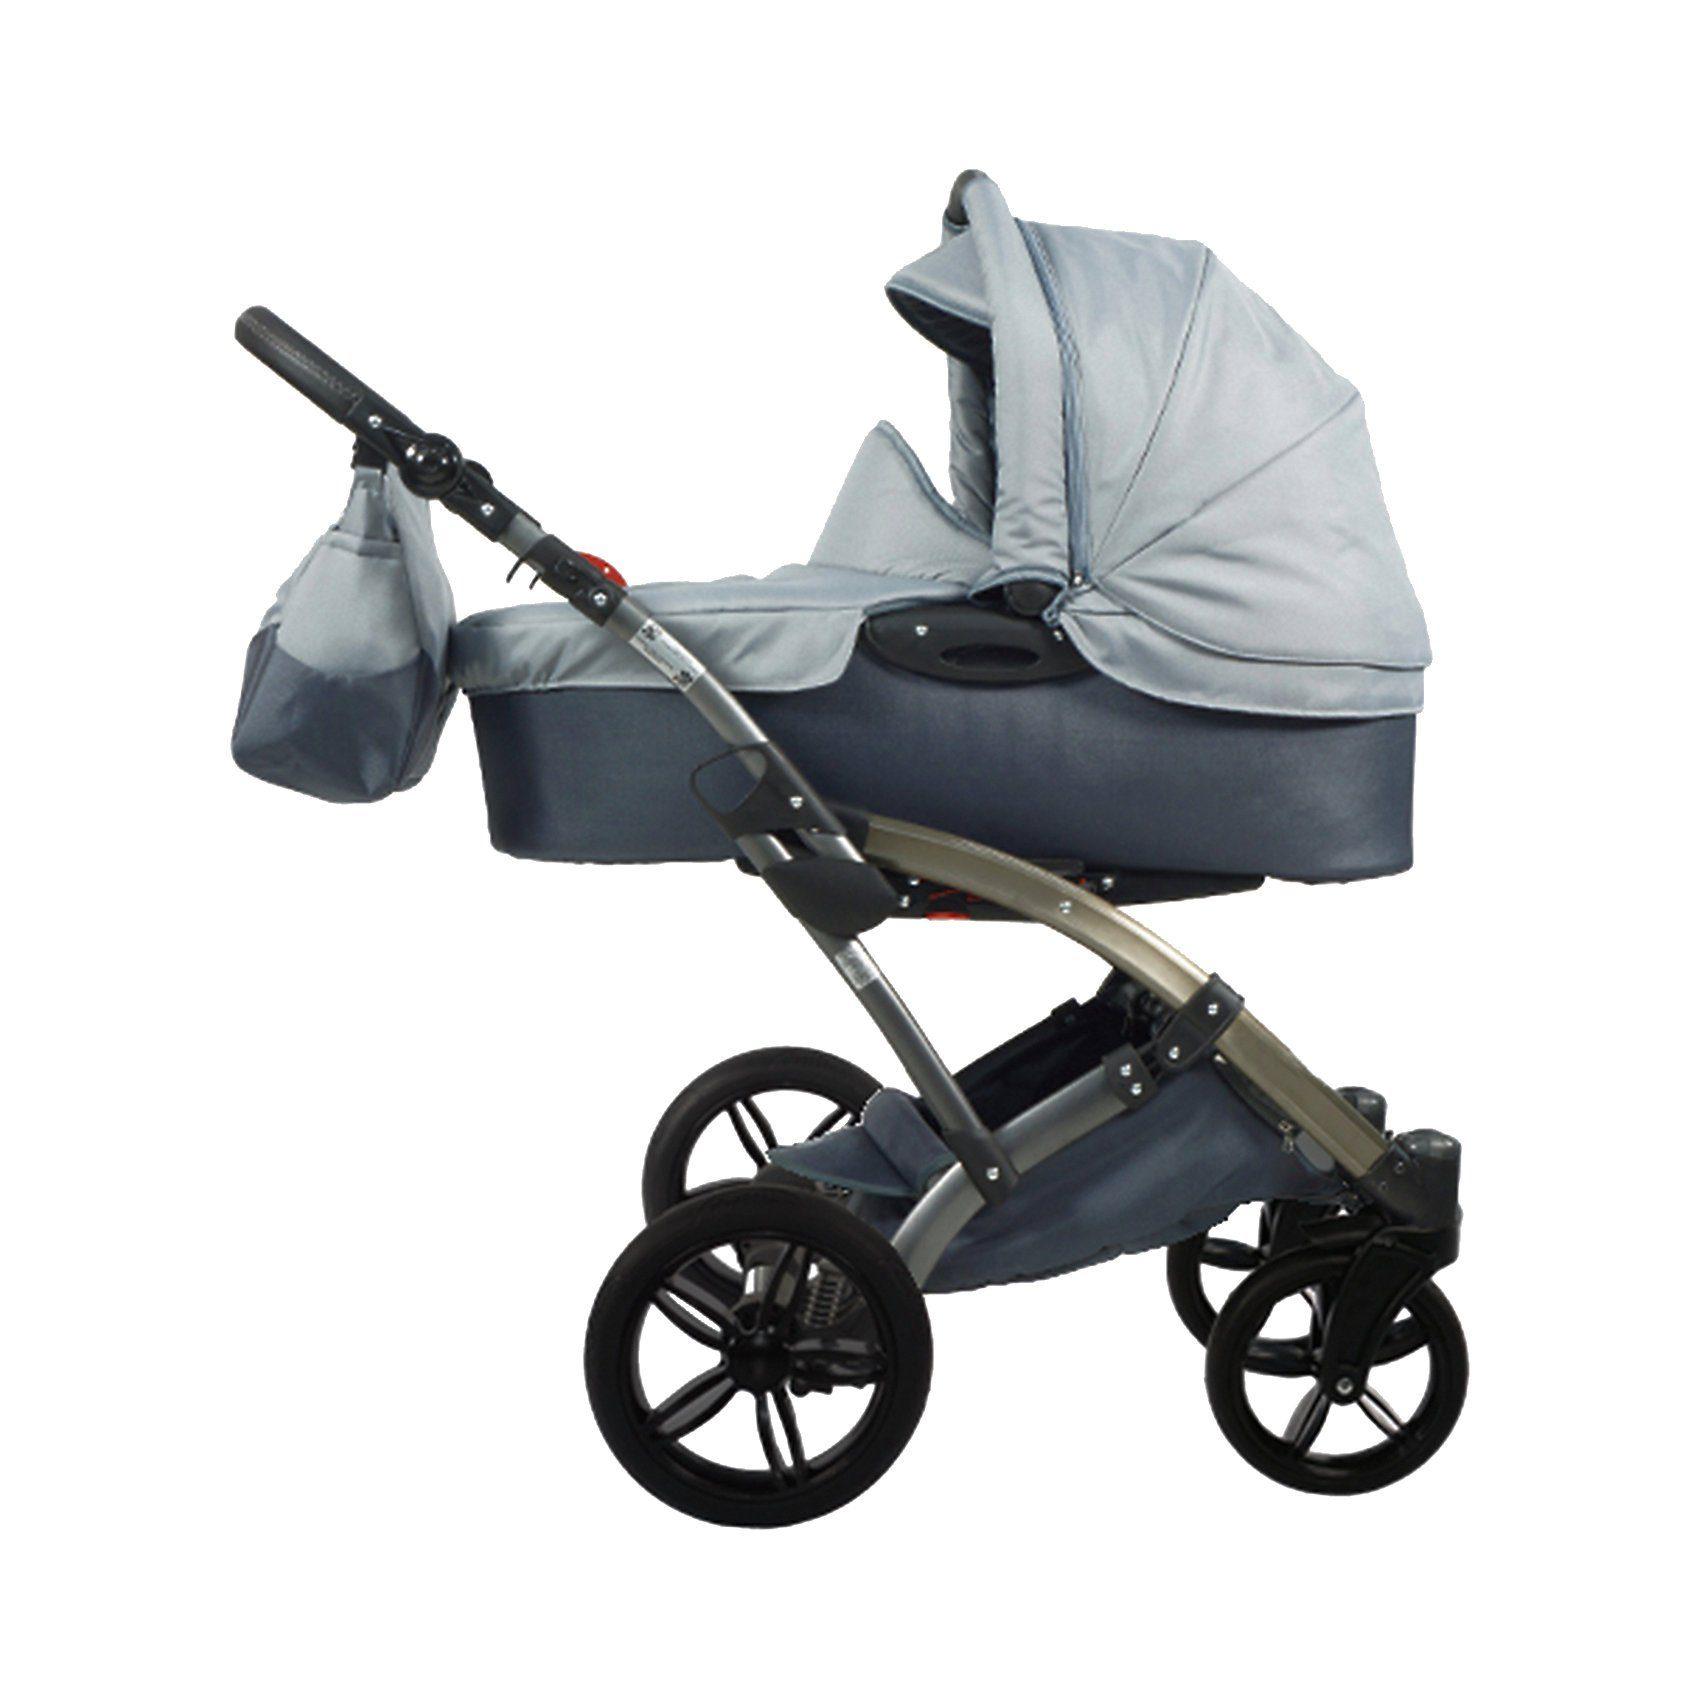 knorr-baby Kombi Kinderwagen Voletto Sport mit Wickeltasche, grau